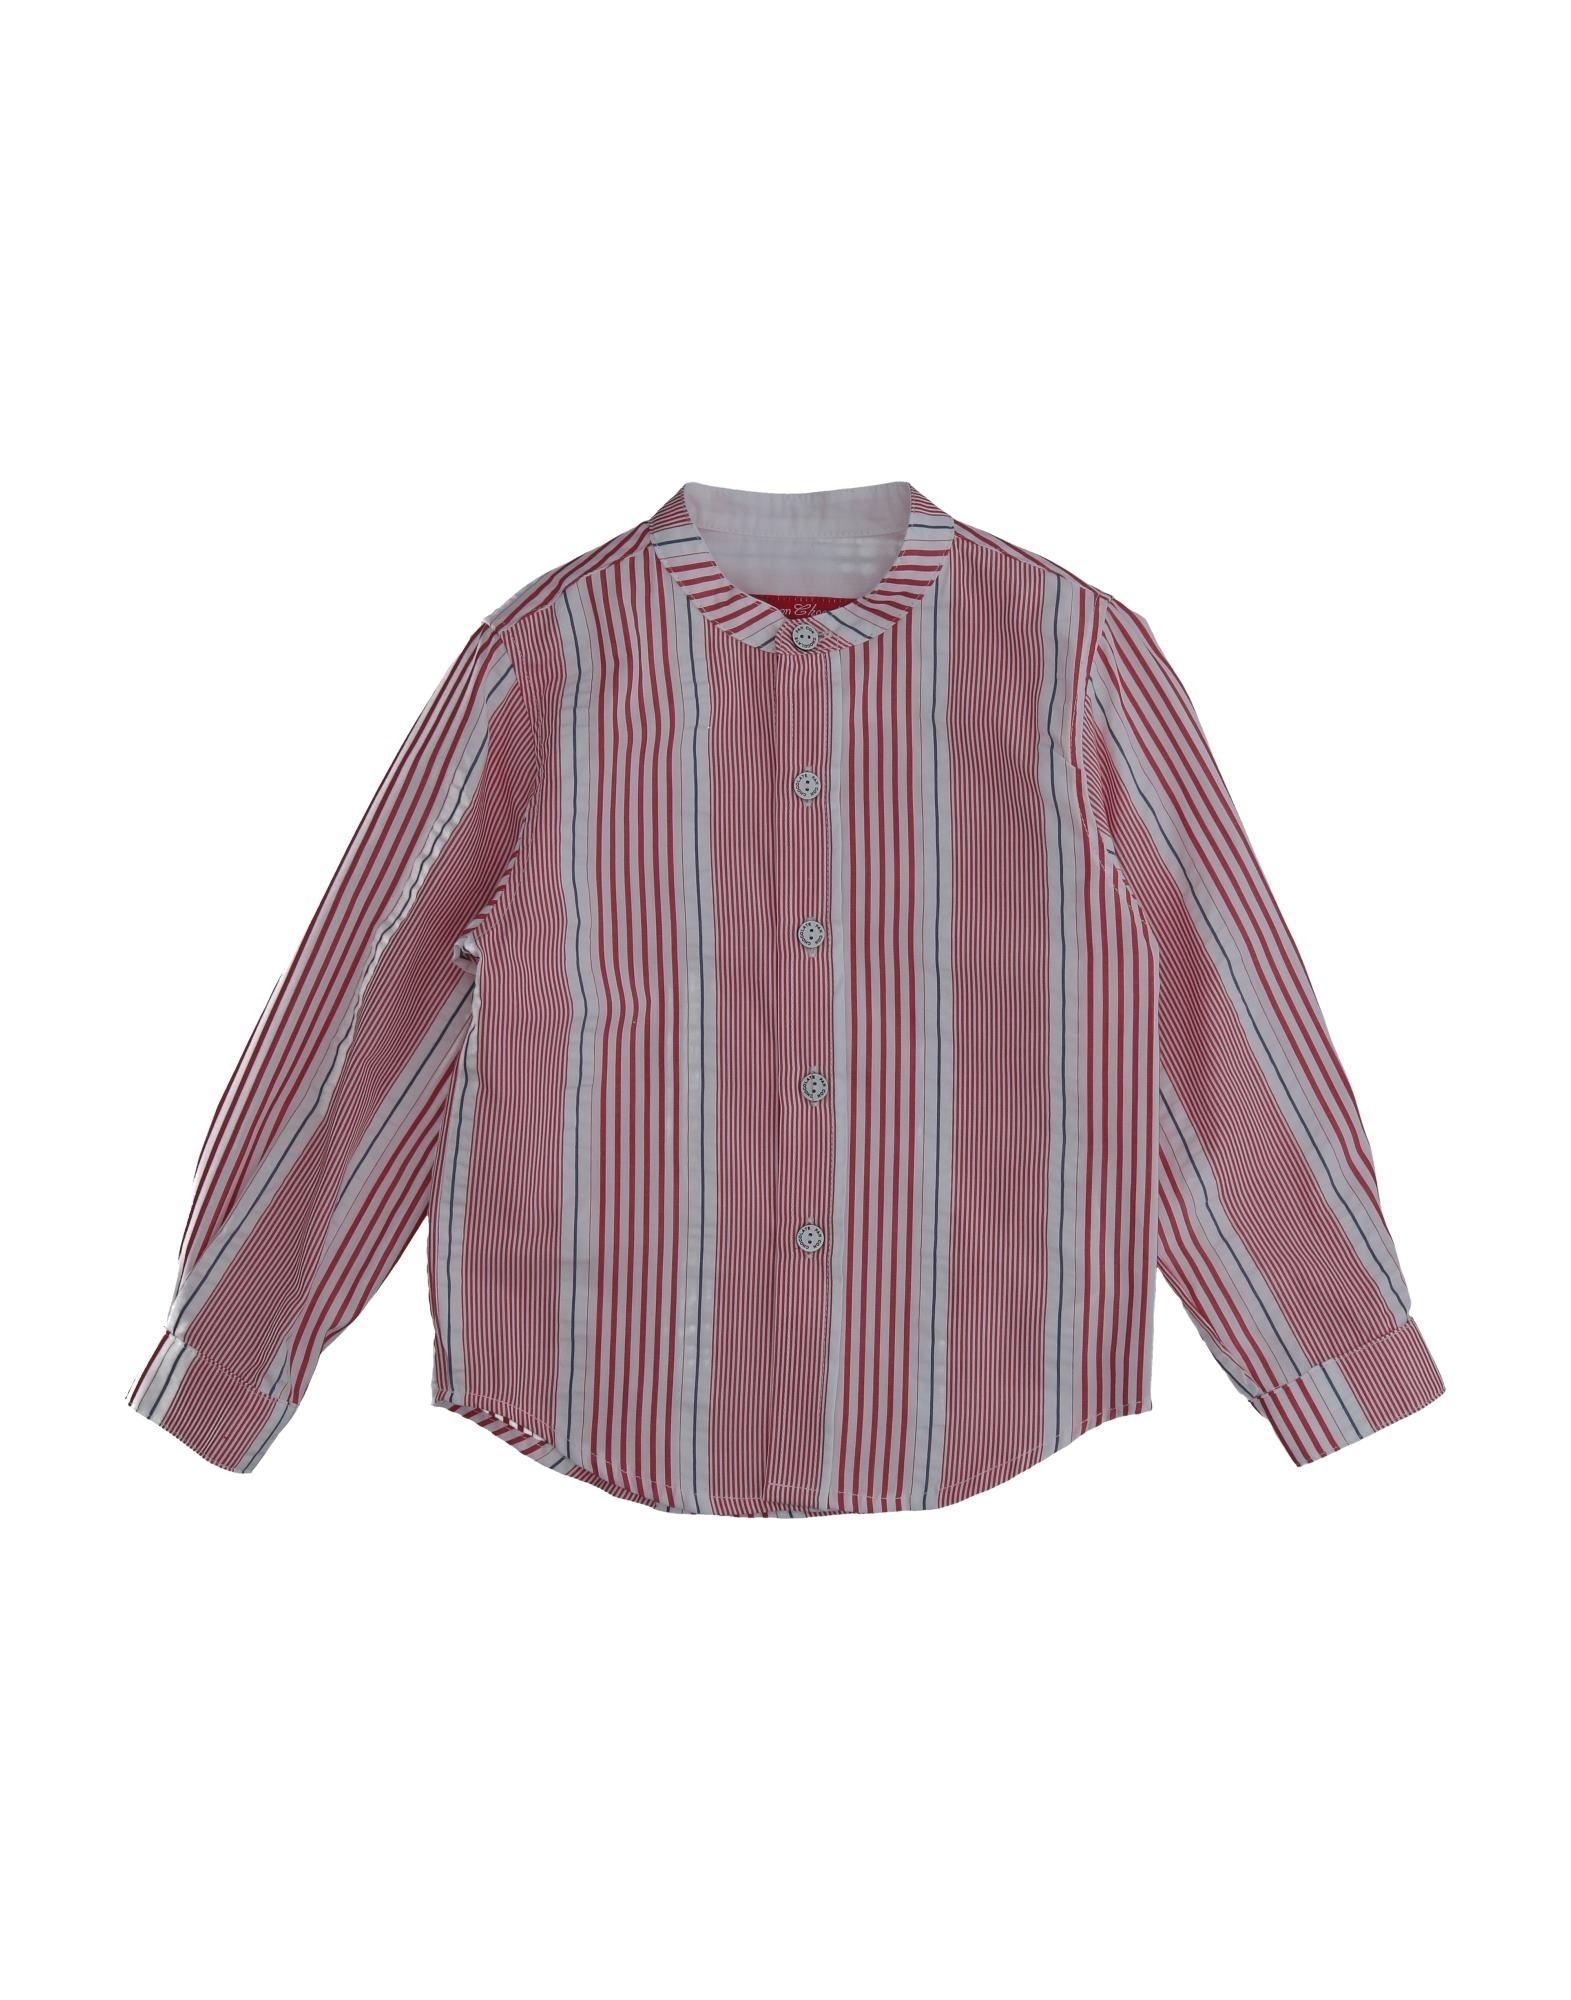 PAN CON CHOCOLATE Pубашка